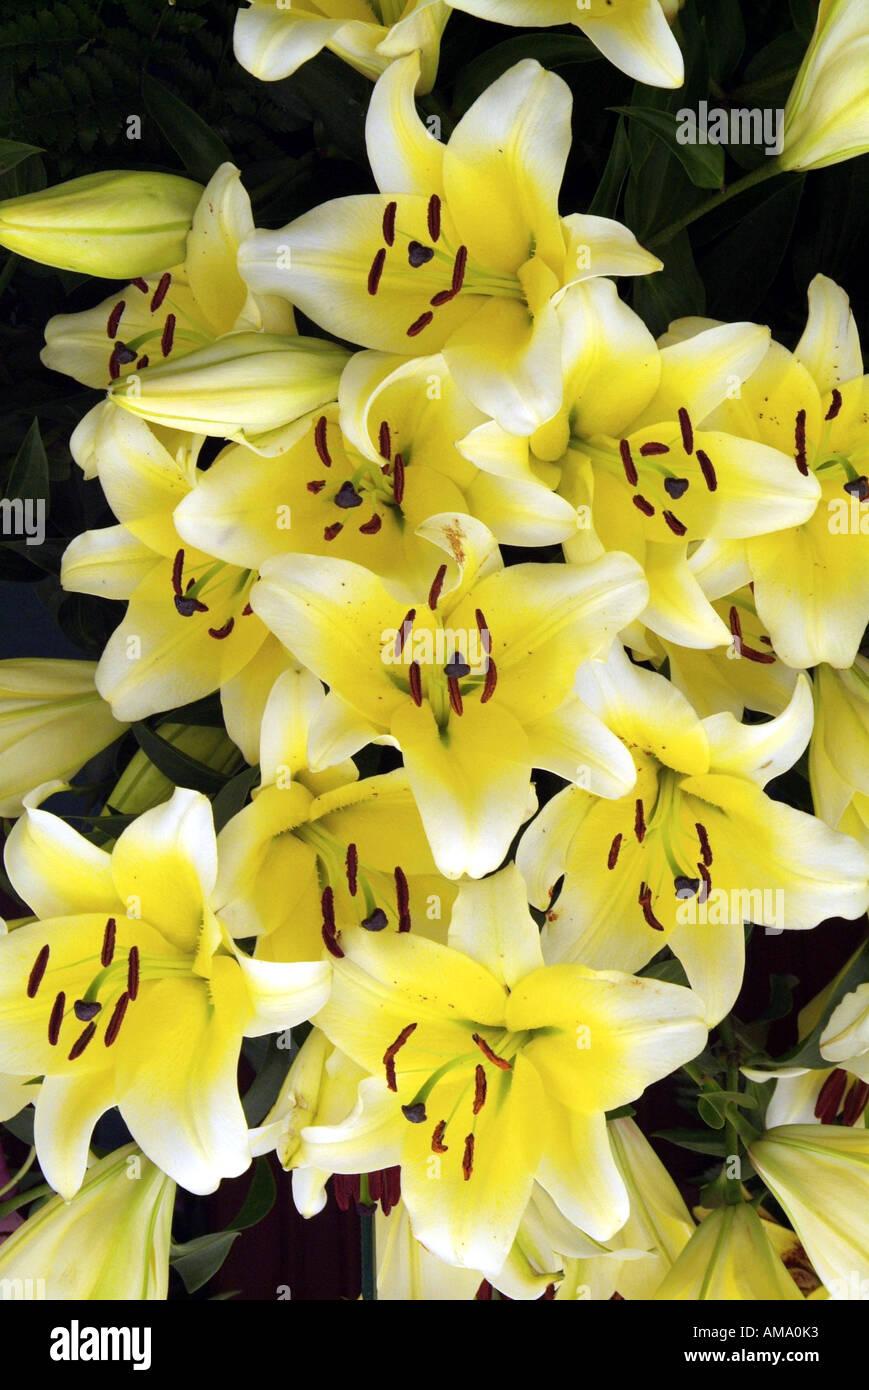 Lily fleur jaune espèce variété jardin frontière chef bud bunch England UK Royaume-Uni GB Grande-bretagne EU Banque D'Images